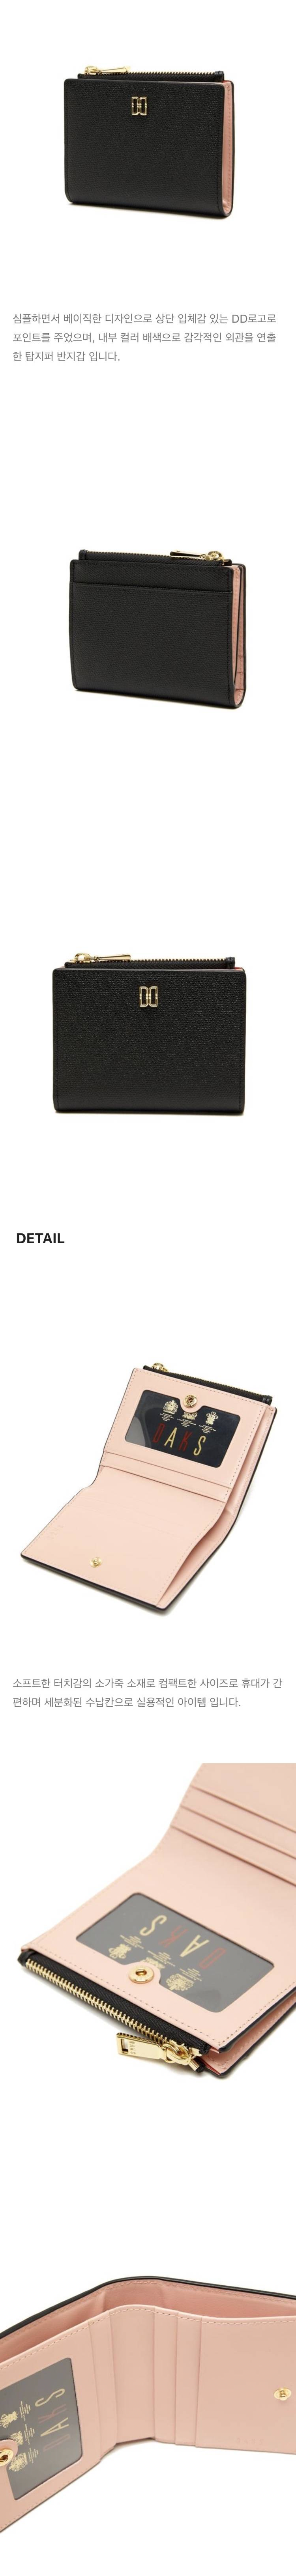 닥스 여자 반지갑 3만원에 팔아요! | 인스티즈